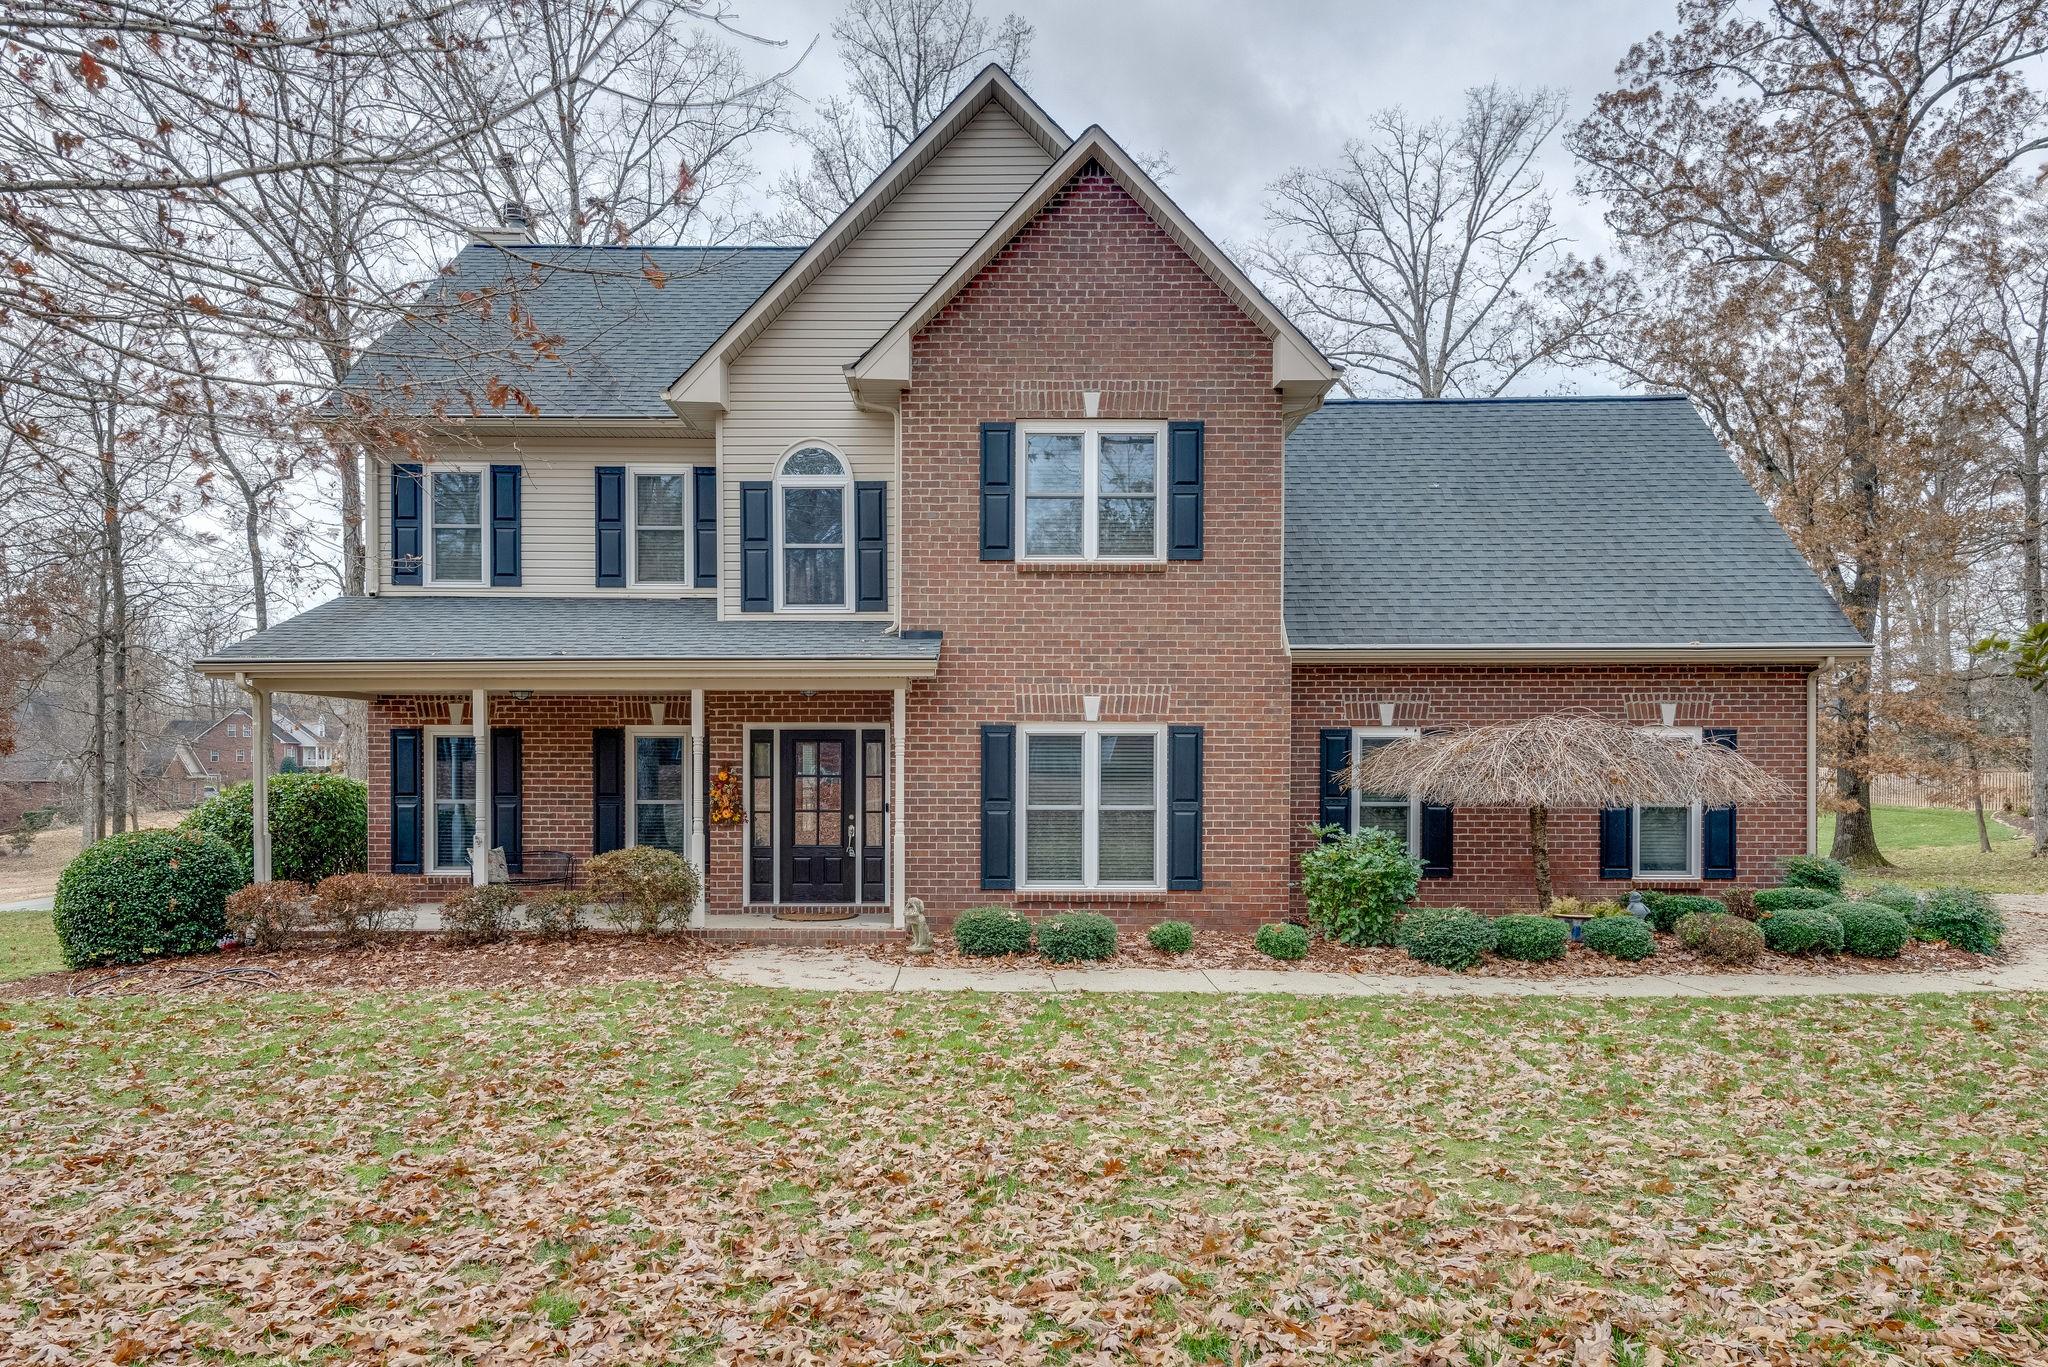 1004 Ridglea Drive, Burns, TN 37029 - Burns, TN real estate listing